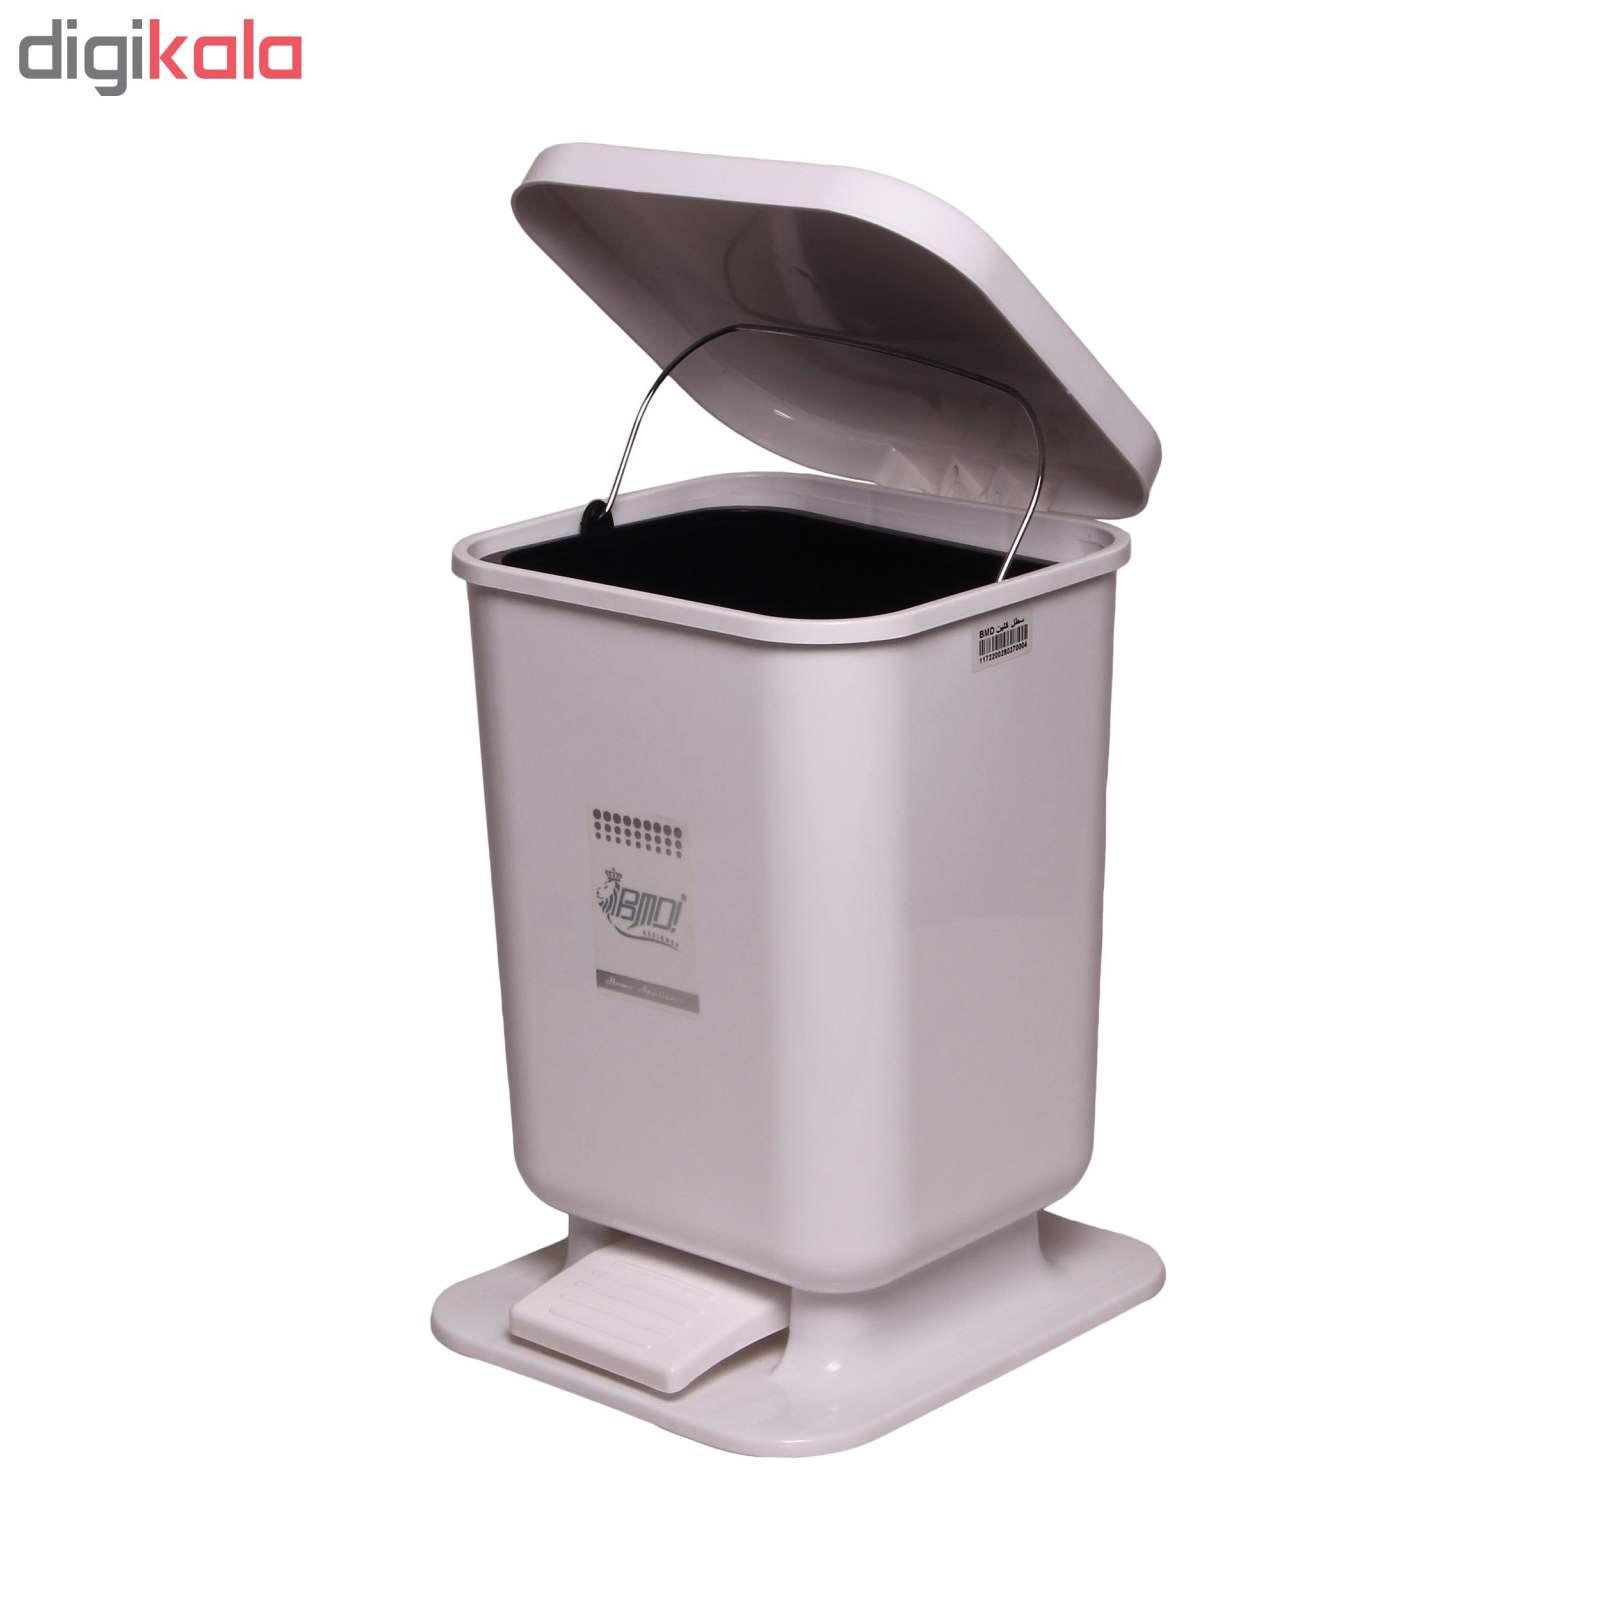 سطل زباله پدالی بی ام دی ! مدل کلین main 1 4